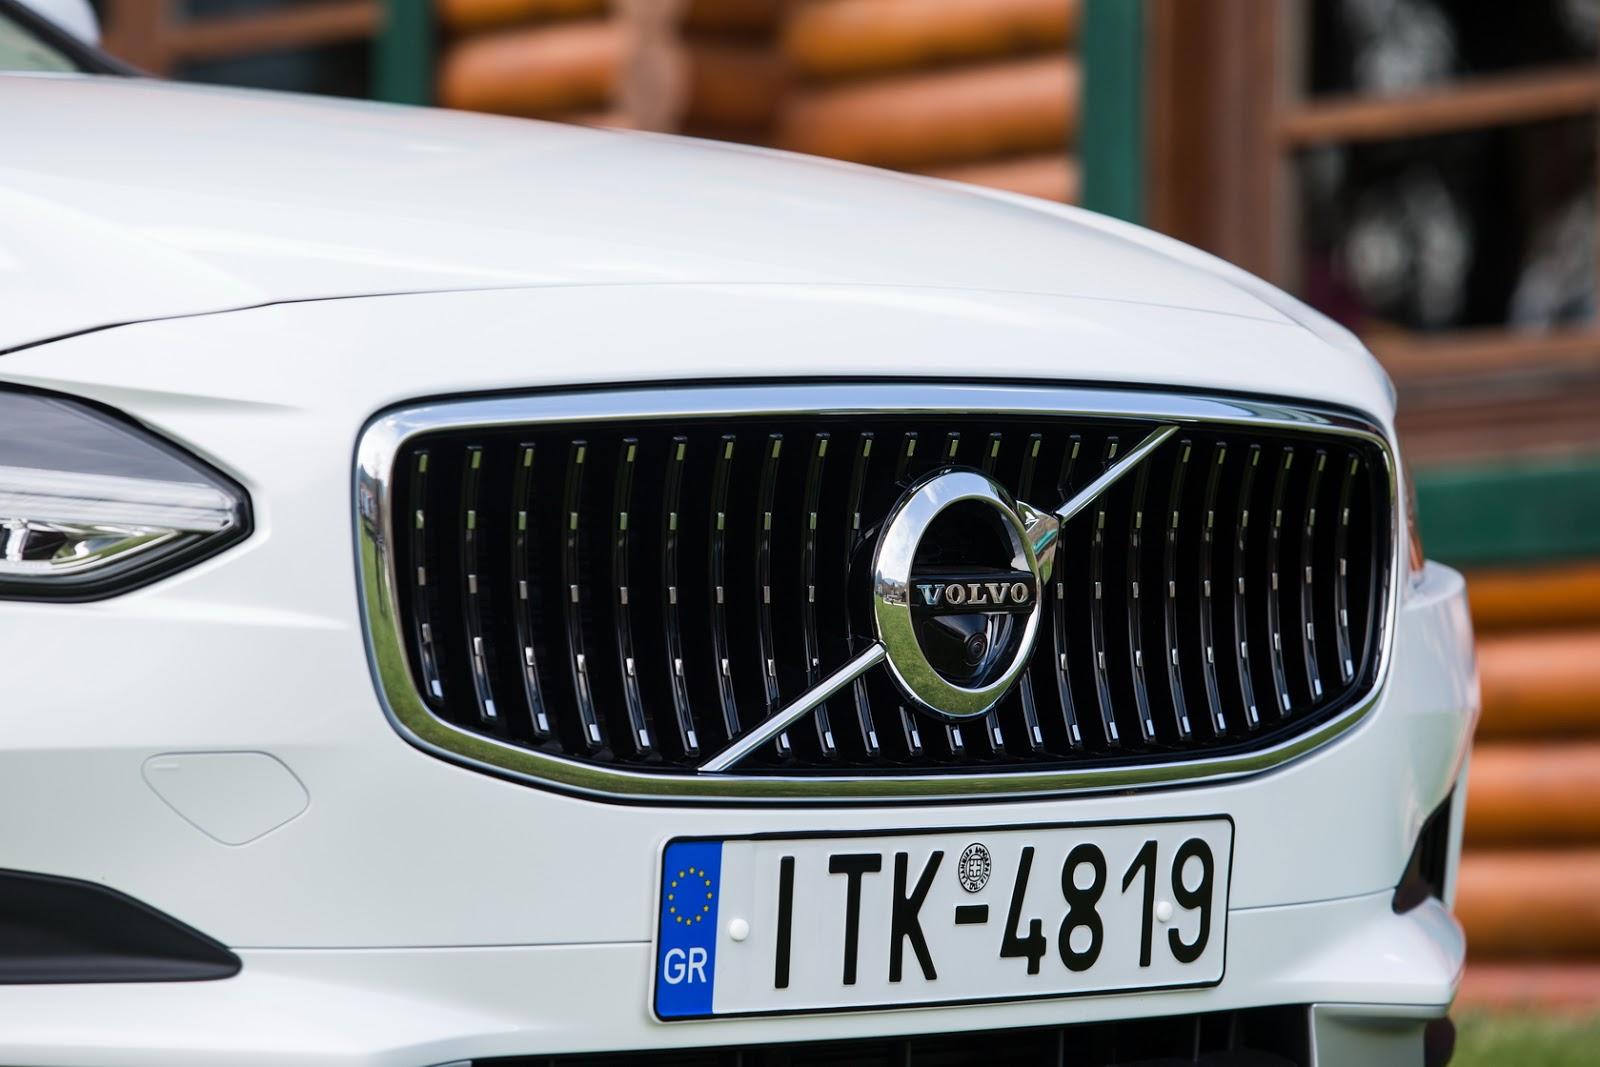 V902BCROSS2BCOUNTRY2B41 Το Volvo V90 Cross Country απευθύνεται σε ανήσυχους εξερευνητές της περιπέτειας! Crossover, Volvo, Volvo Car Hellas, Volvo Cars, Volvo V70 XC, Volvo V90 Cross Country, Volvo XC70